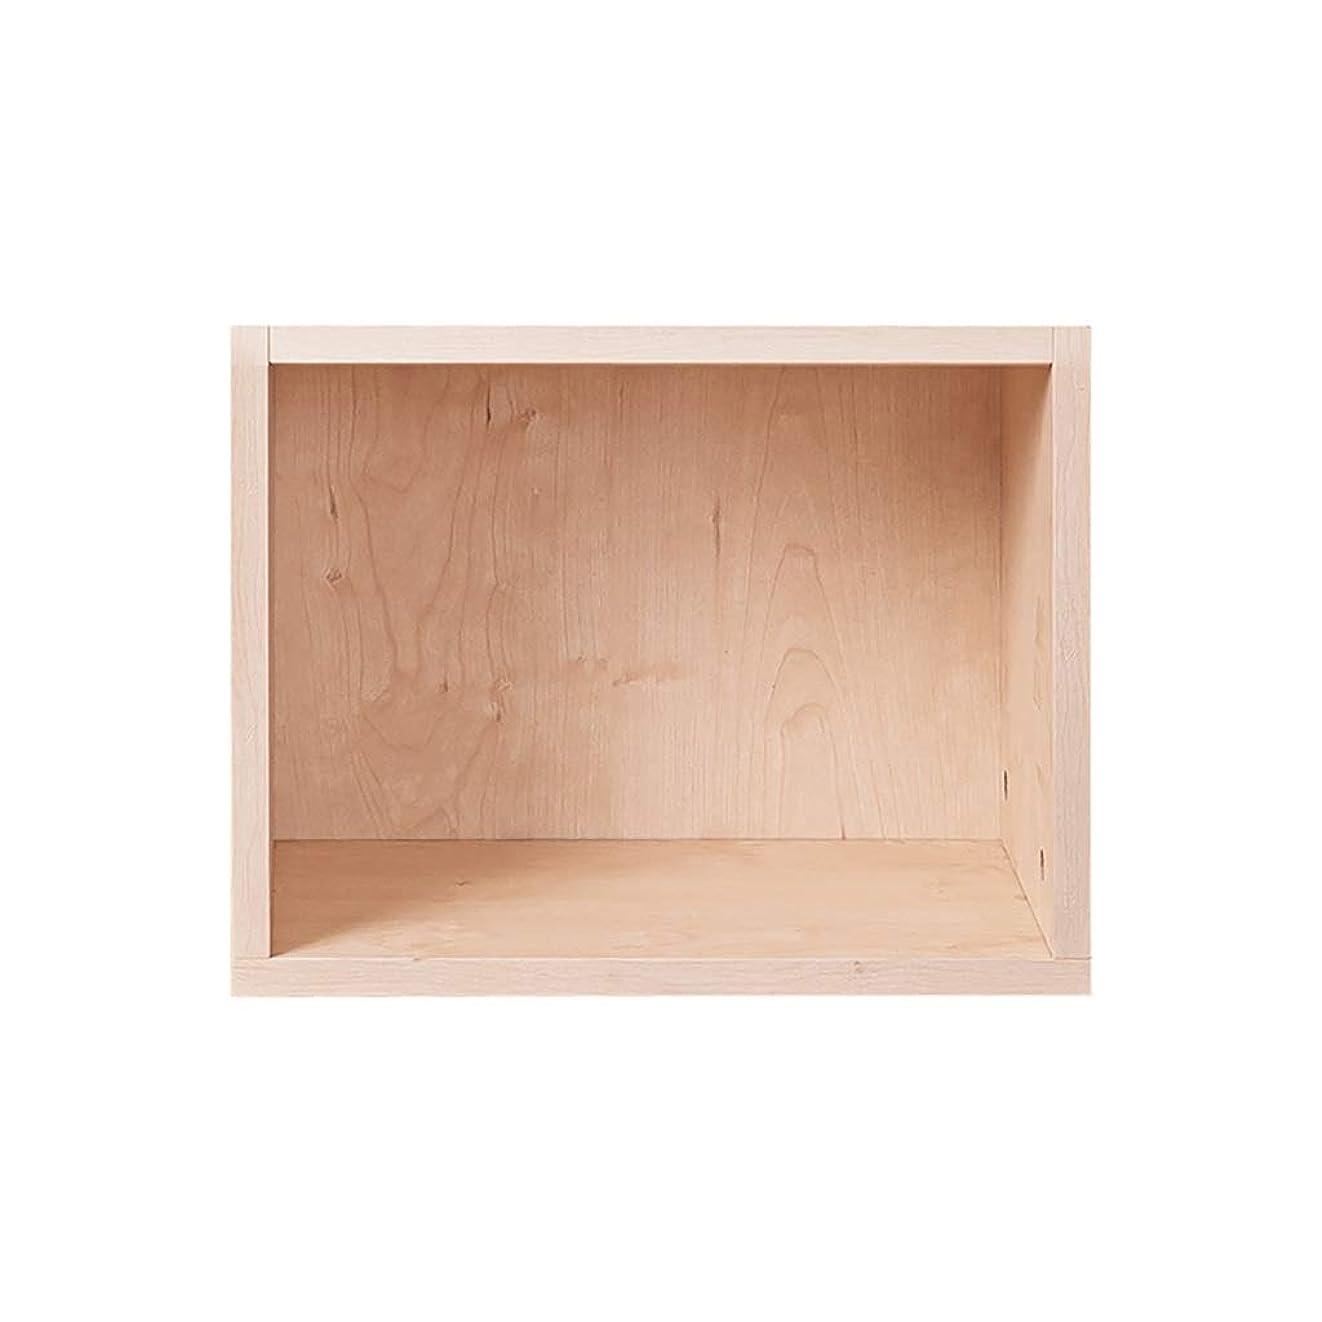 アーネストシャクルトン読む種をまくLPビニールレコードディスプレイスタンド、キューブ本棚スタッキングキャビネット、木製棚収納ユニットオフィスリビングルーム用家具 (Color : Wood color, Size : 1-grid cabinet)